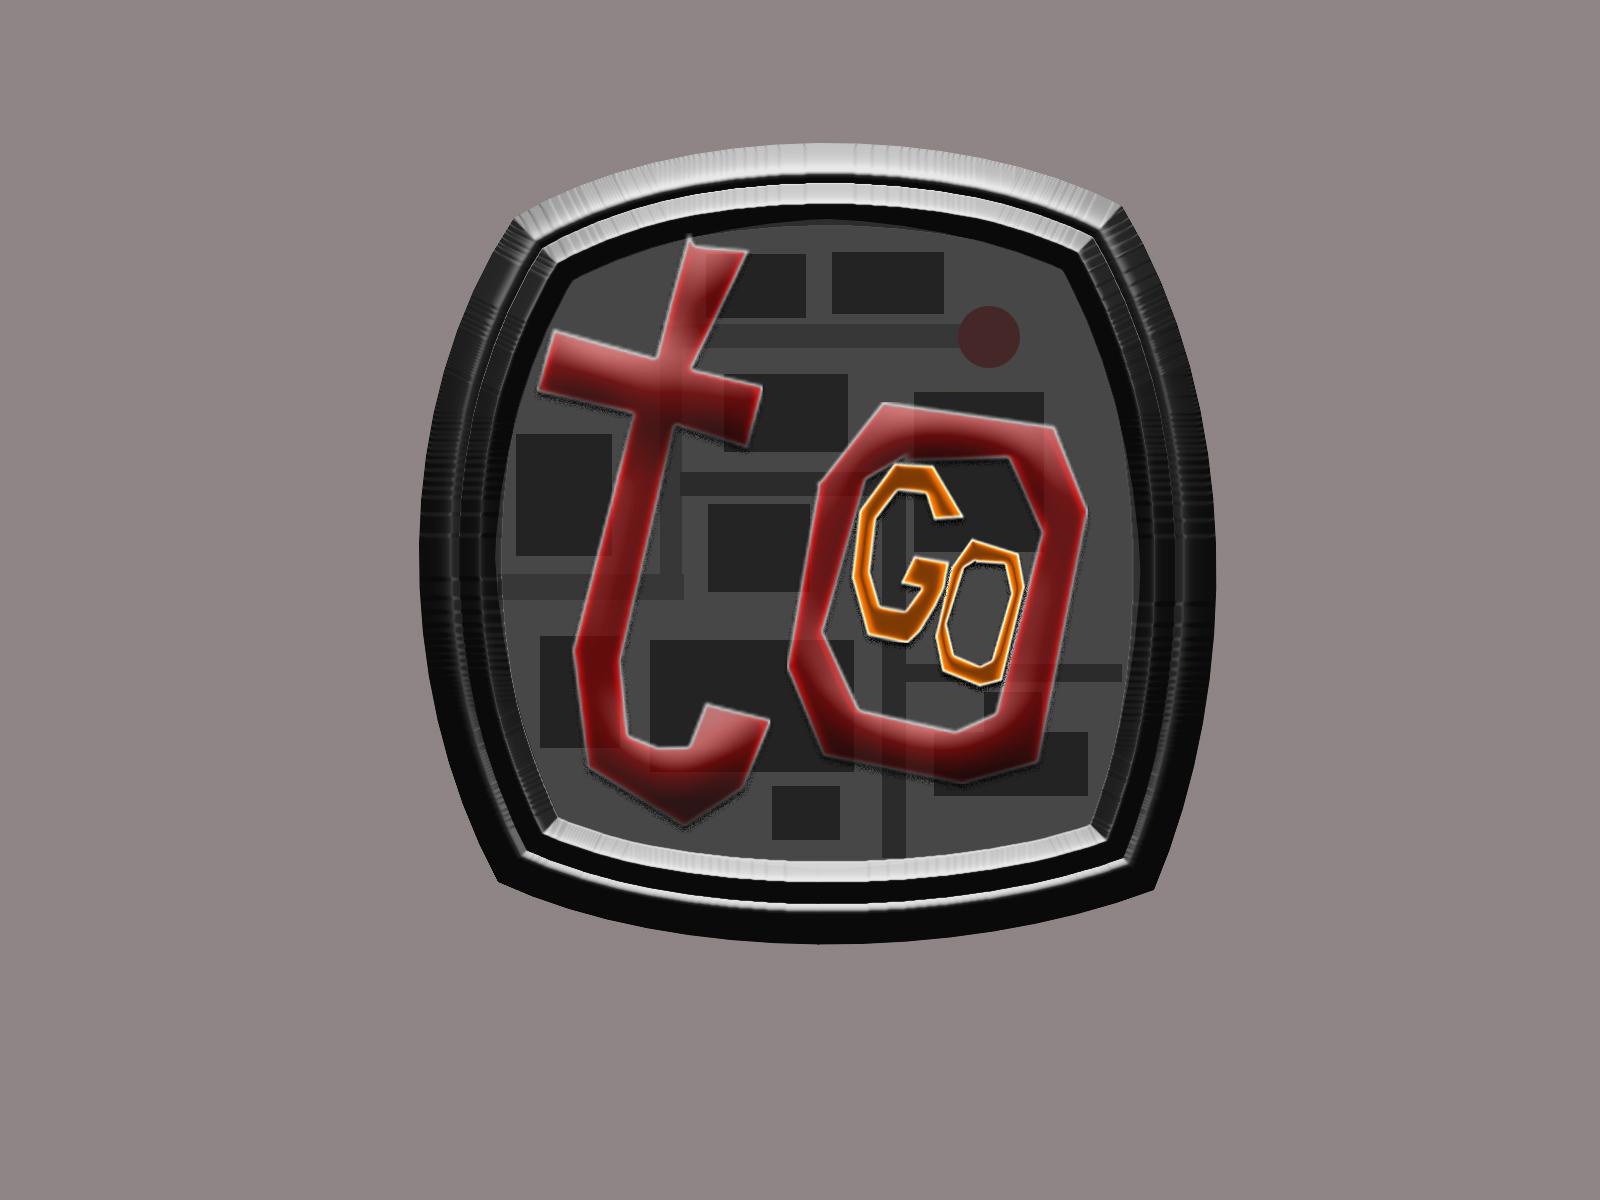 Разработать логотип и экран загрузки приложения фото f_1745a9c24c01873c.jpg